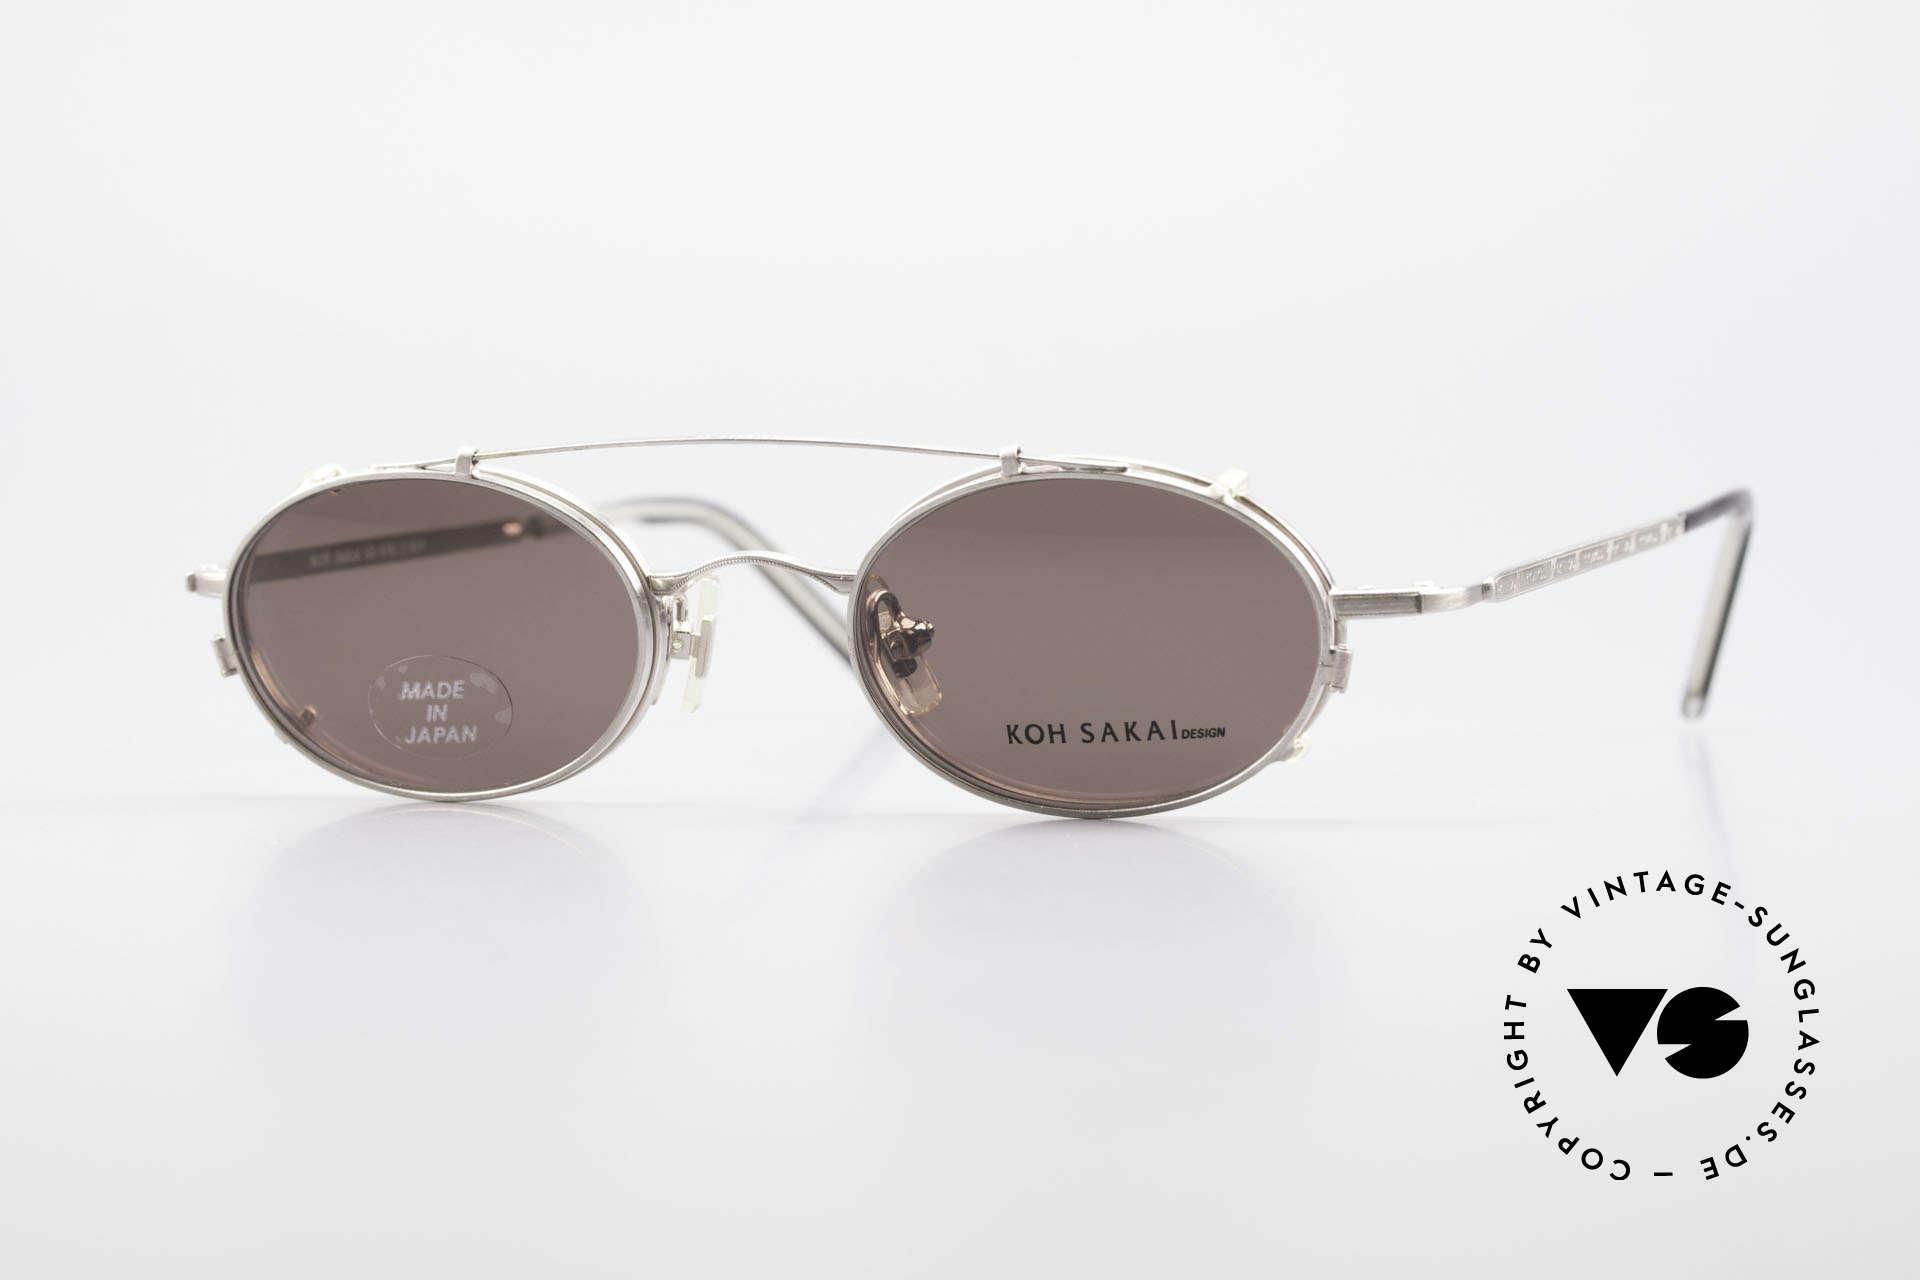 Koh Sakai KS9781 Vintage Brille Metall Unisex, vintage Brille Koh Sakai 9781, 44-20 mit Sonnen-Clip, Passend für Herren und Damen